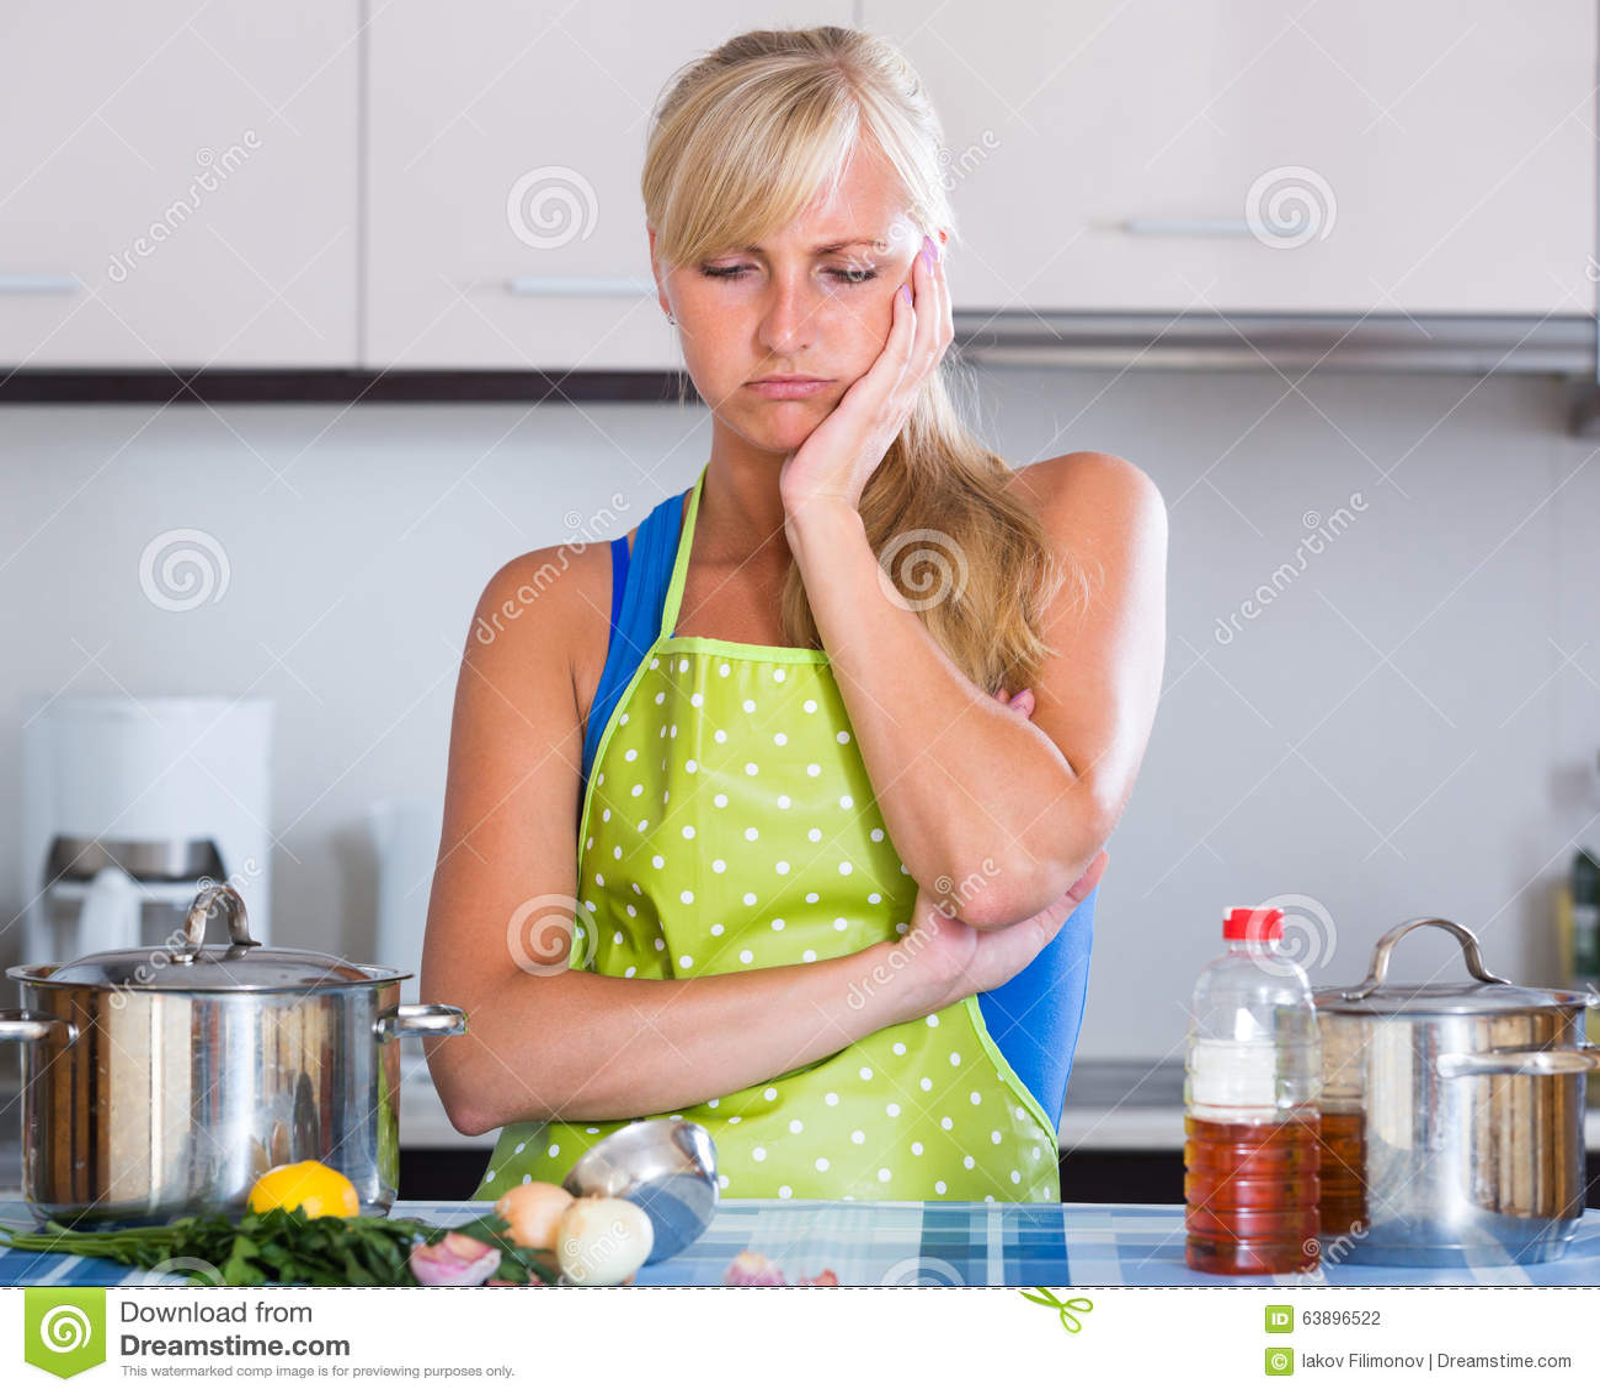 Лица русских домохозяек в сперме фото